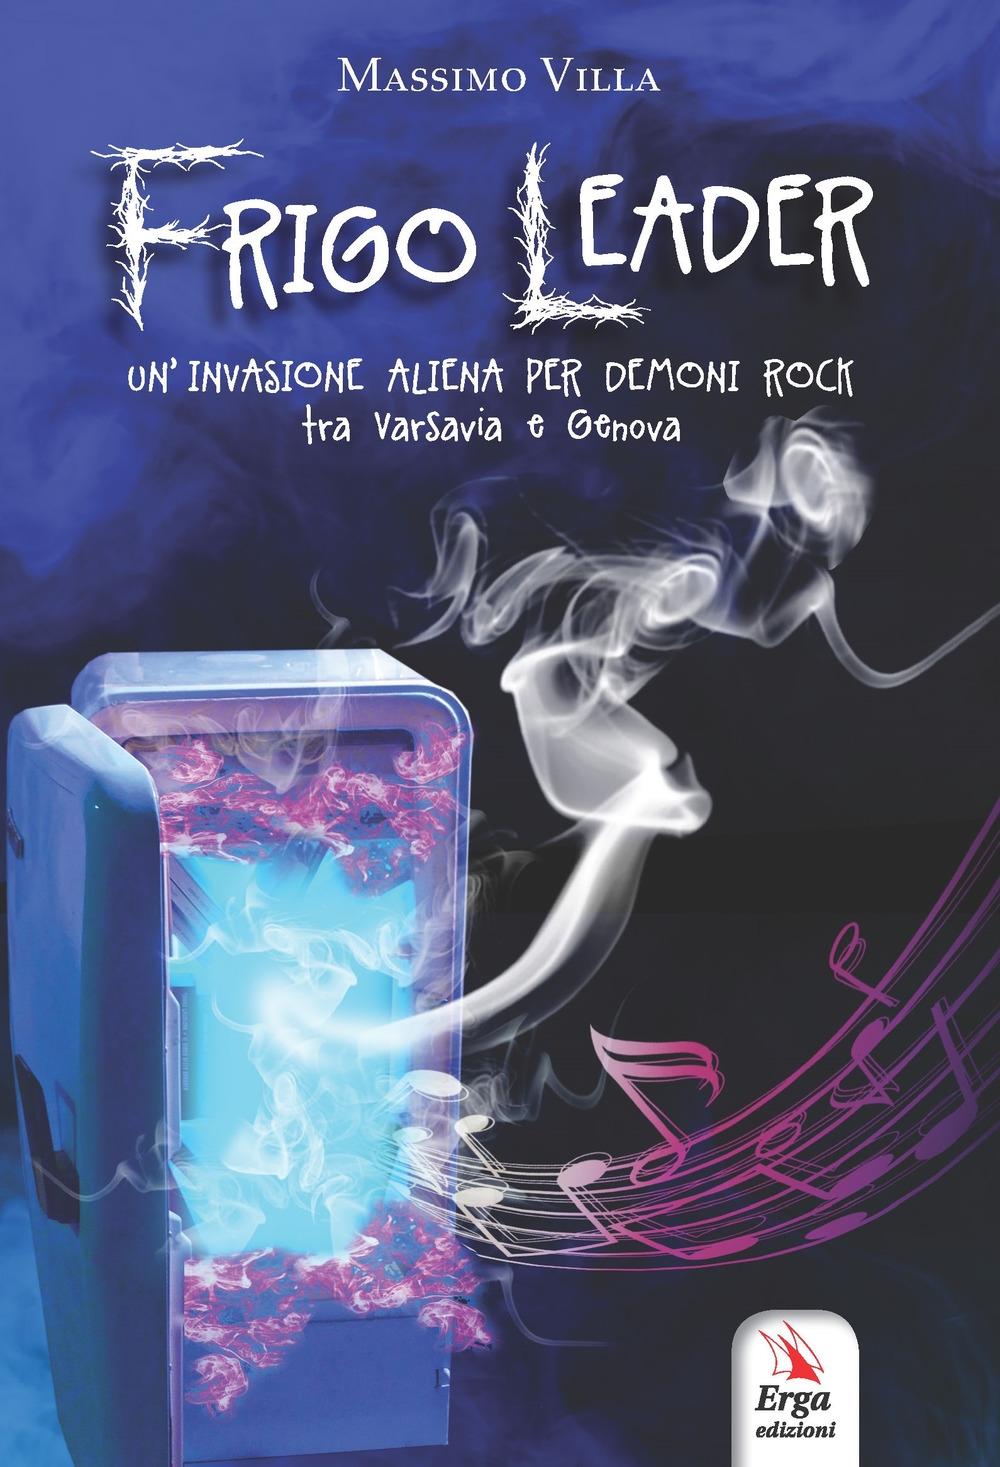 Frigo leader